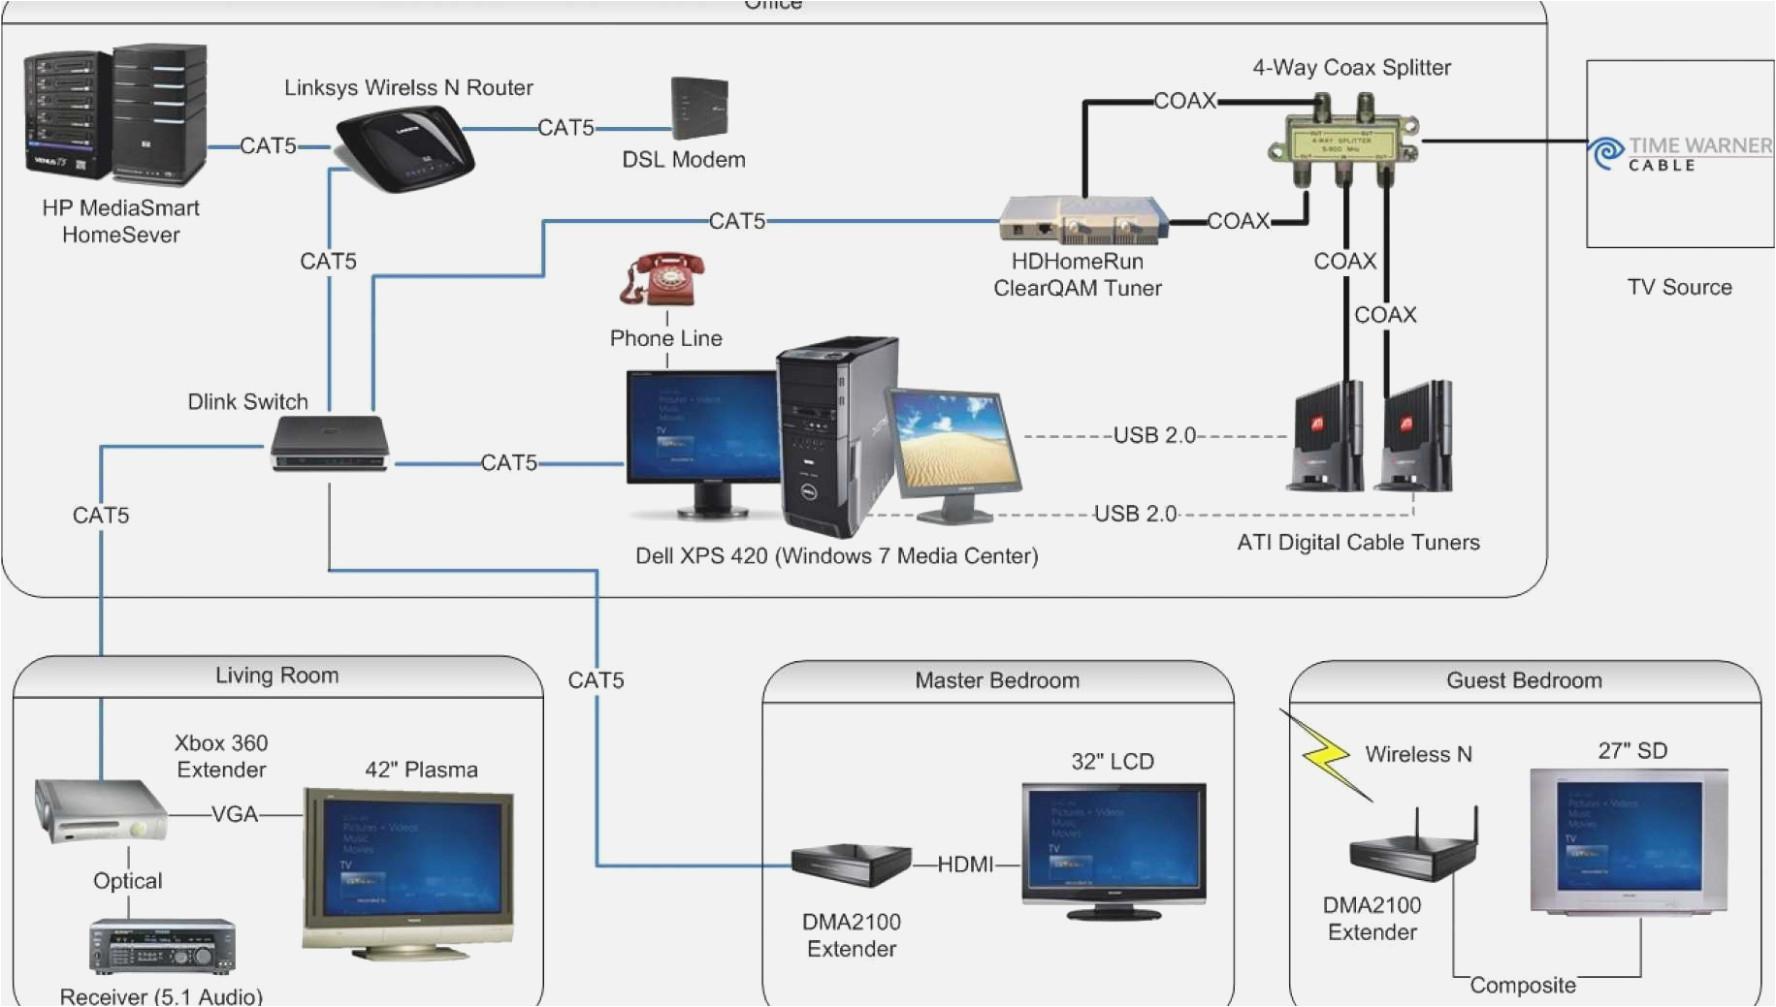 uverse wiring diagram wiring diagram datasource u verse setup diagram